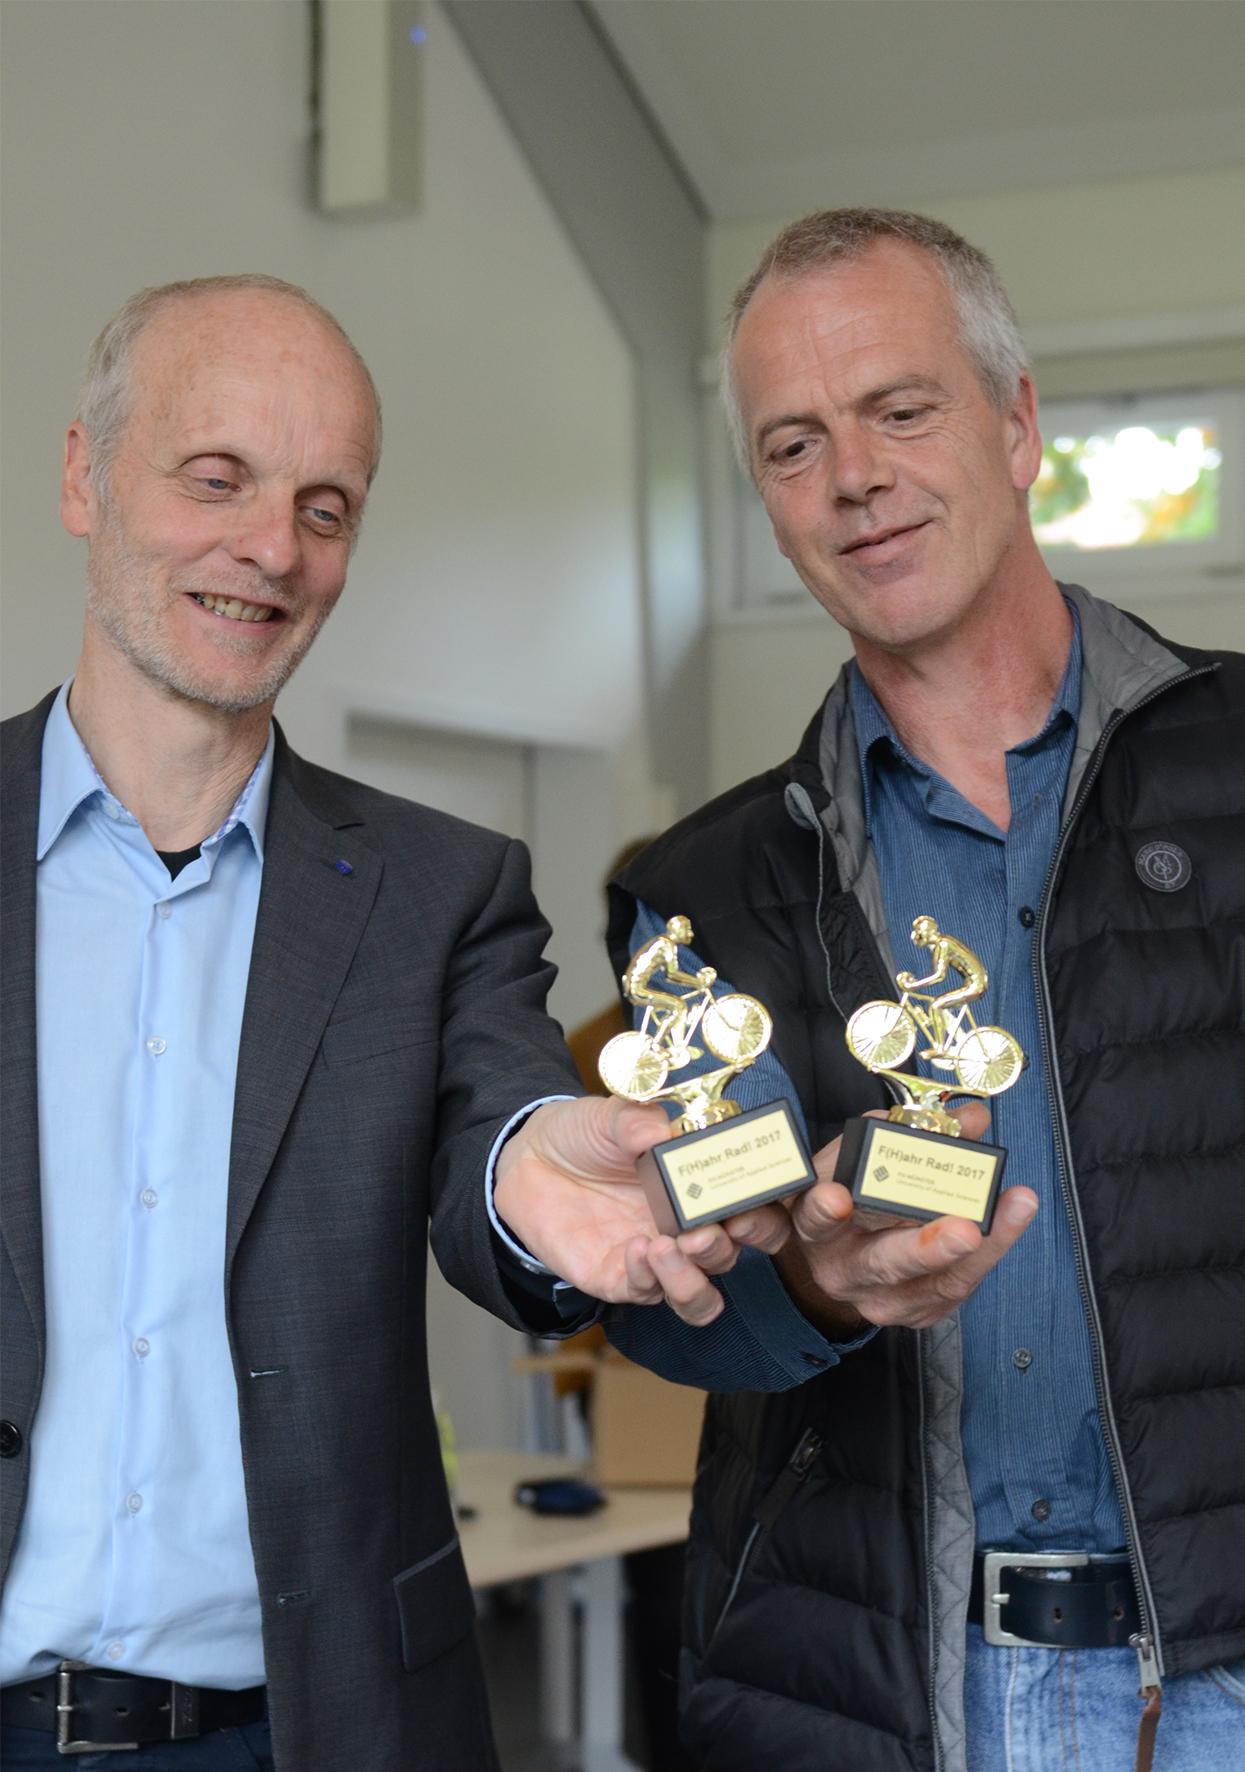 Otfried Berges Prof. Dr. Jürgen Nonhoff mit Fahrrad-Pokalen